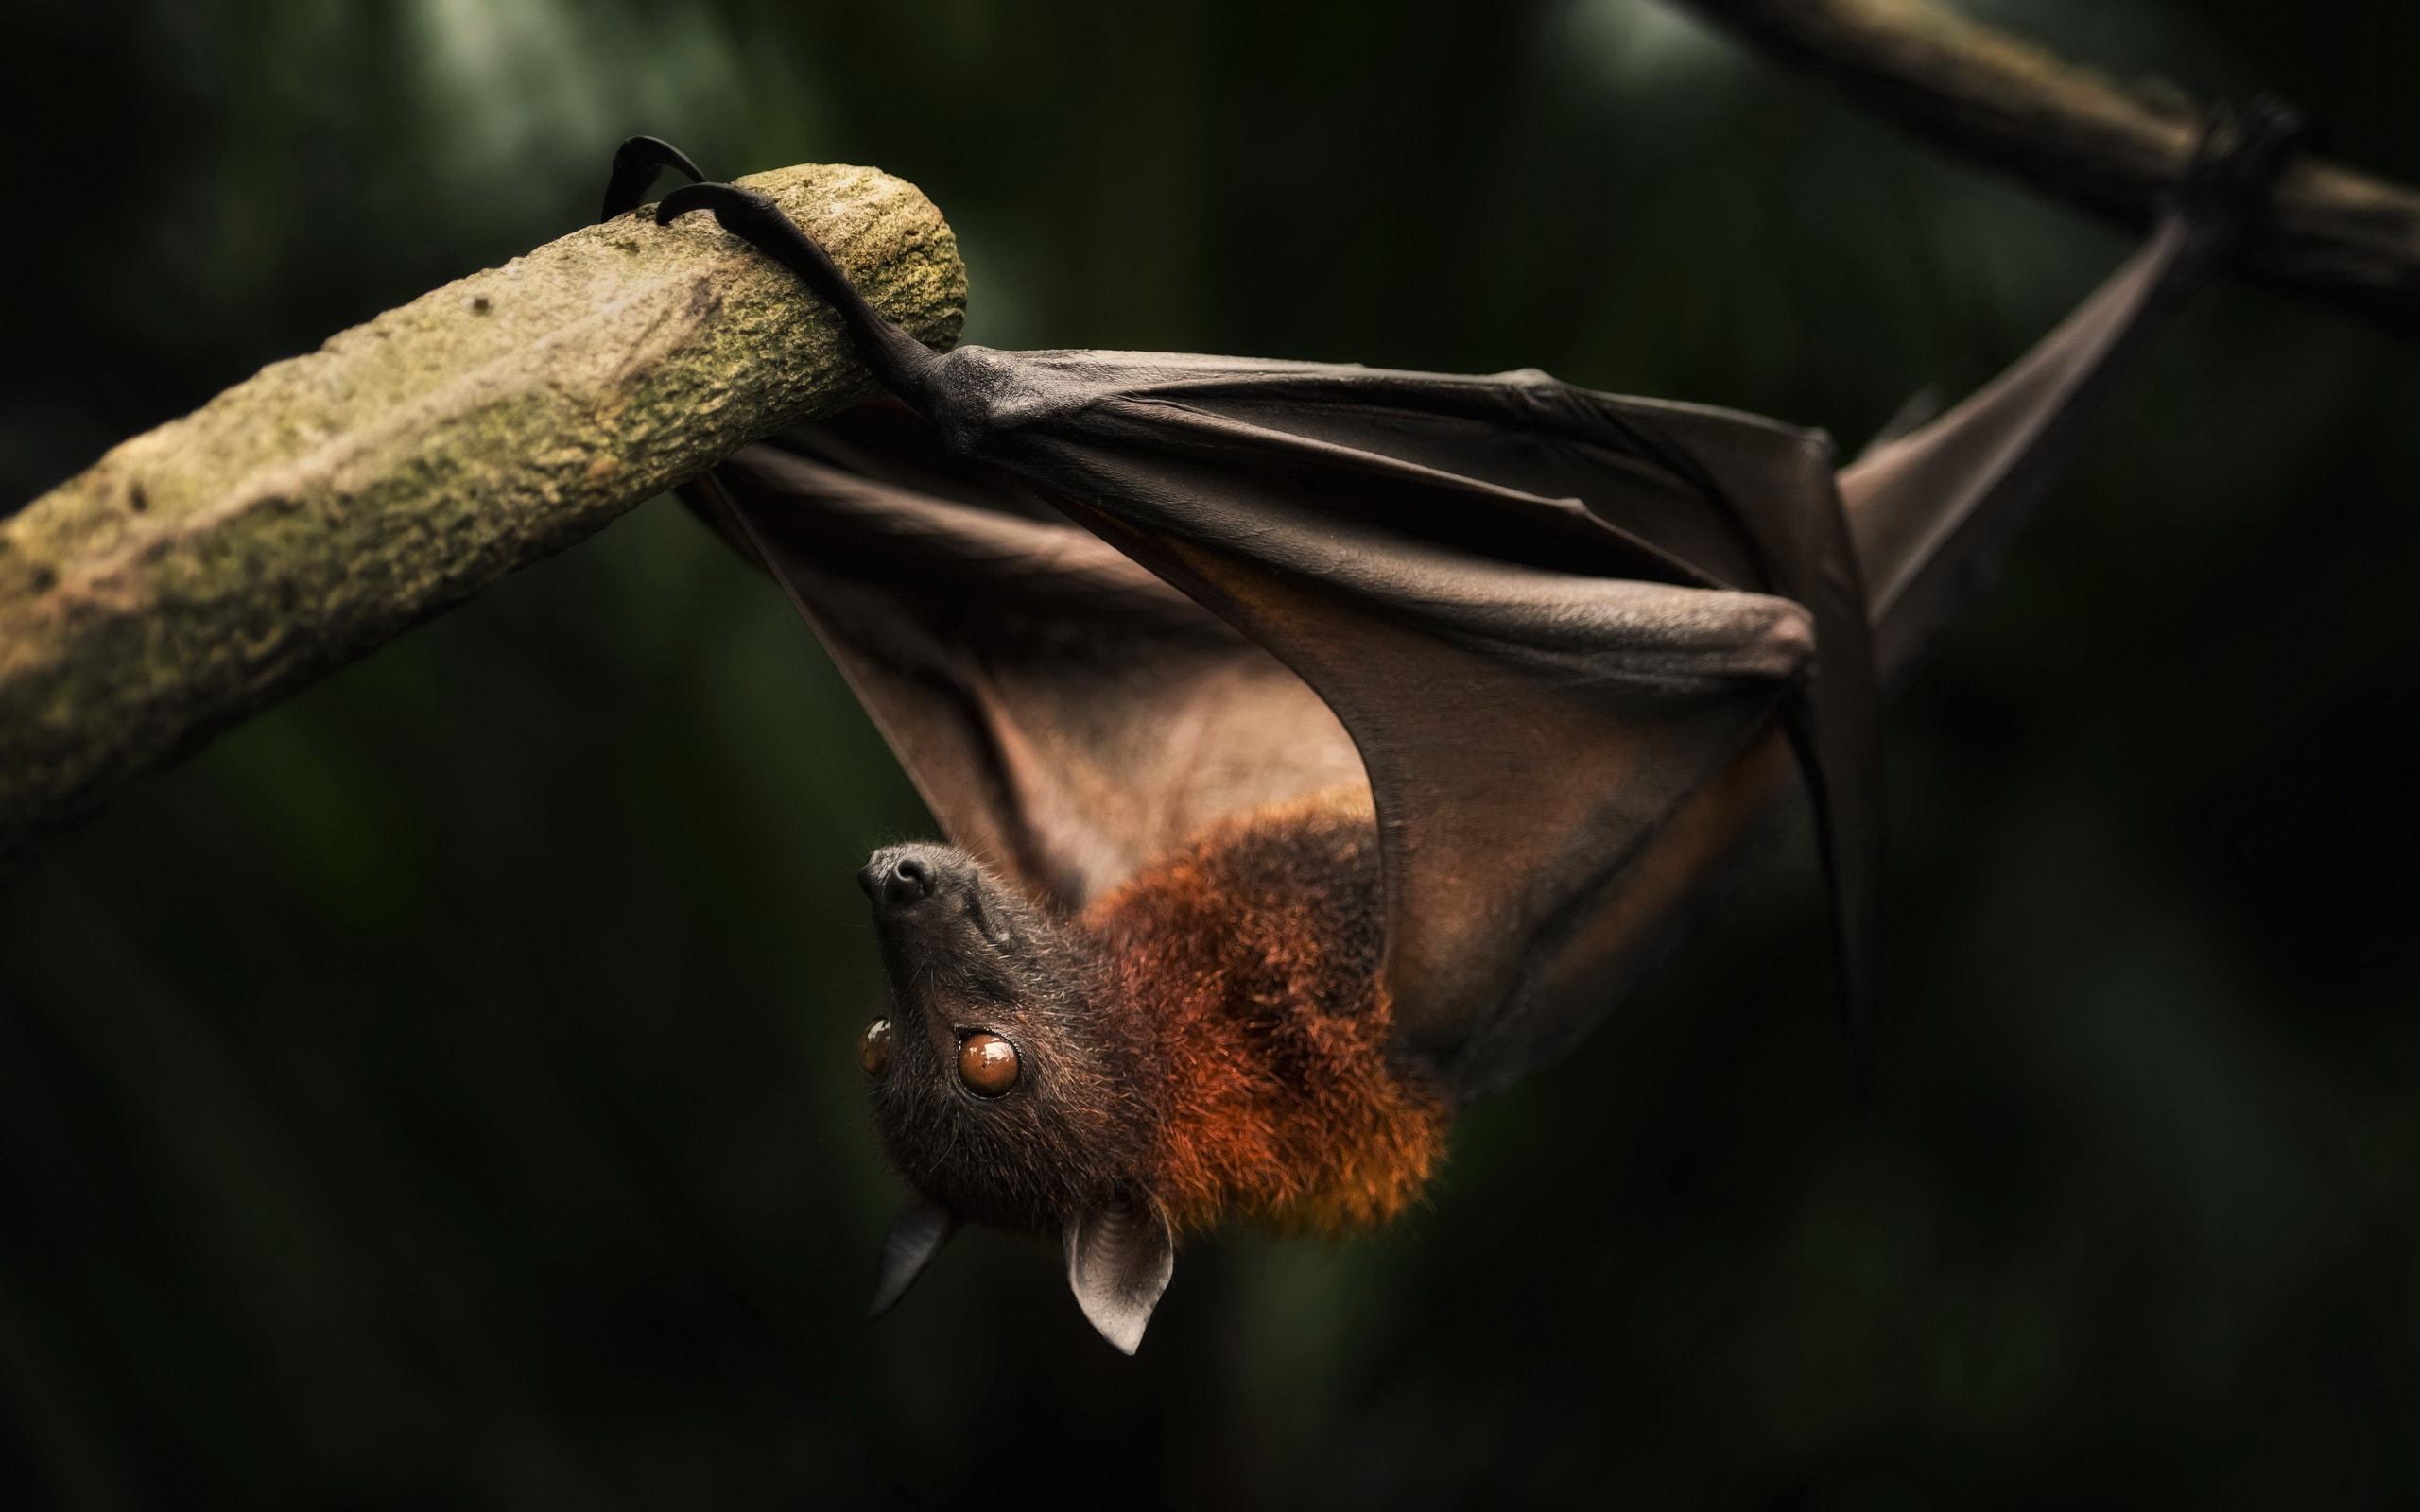 Bat Wallpapers